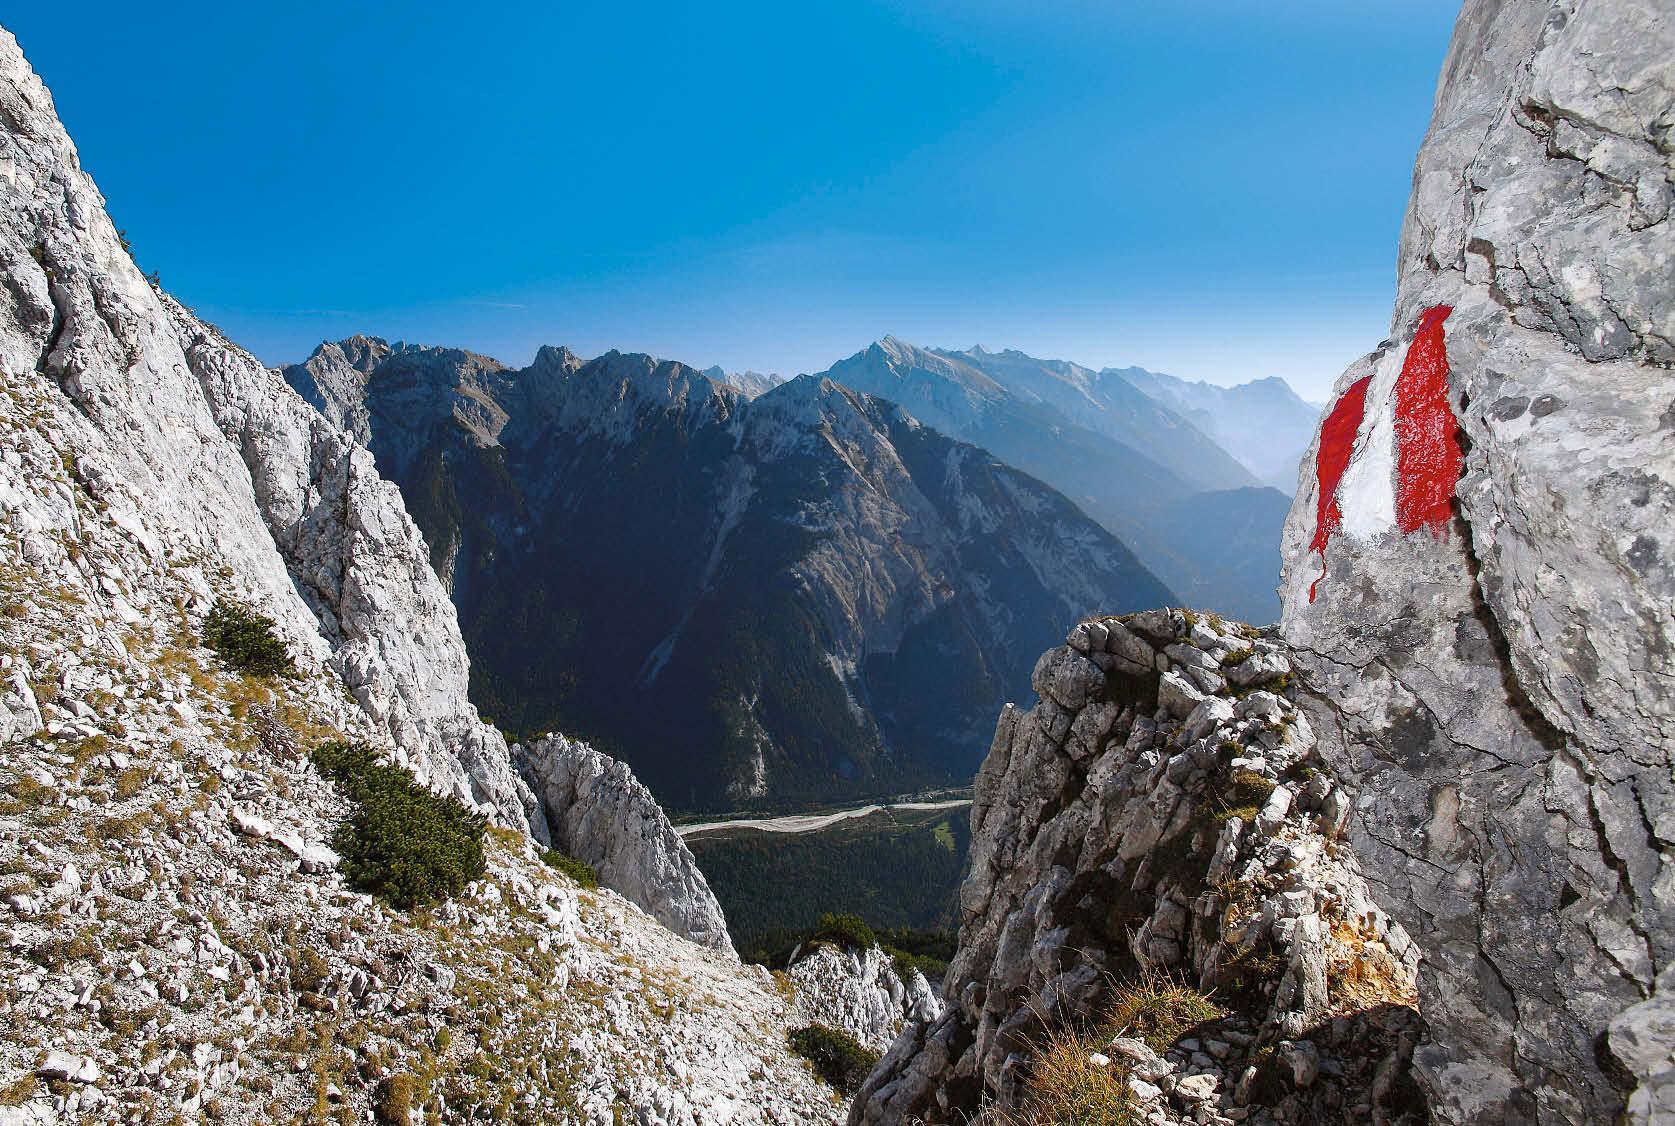 Bergtour auf die Große Arnspitze